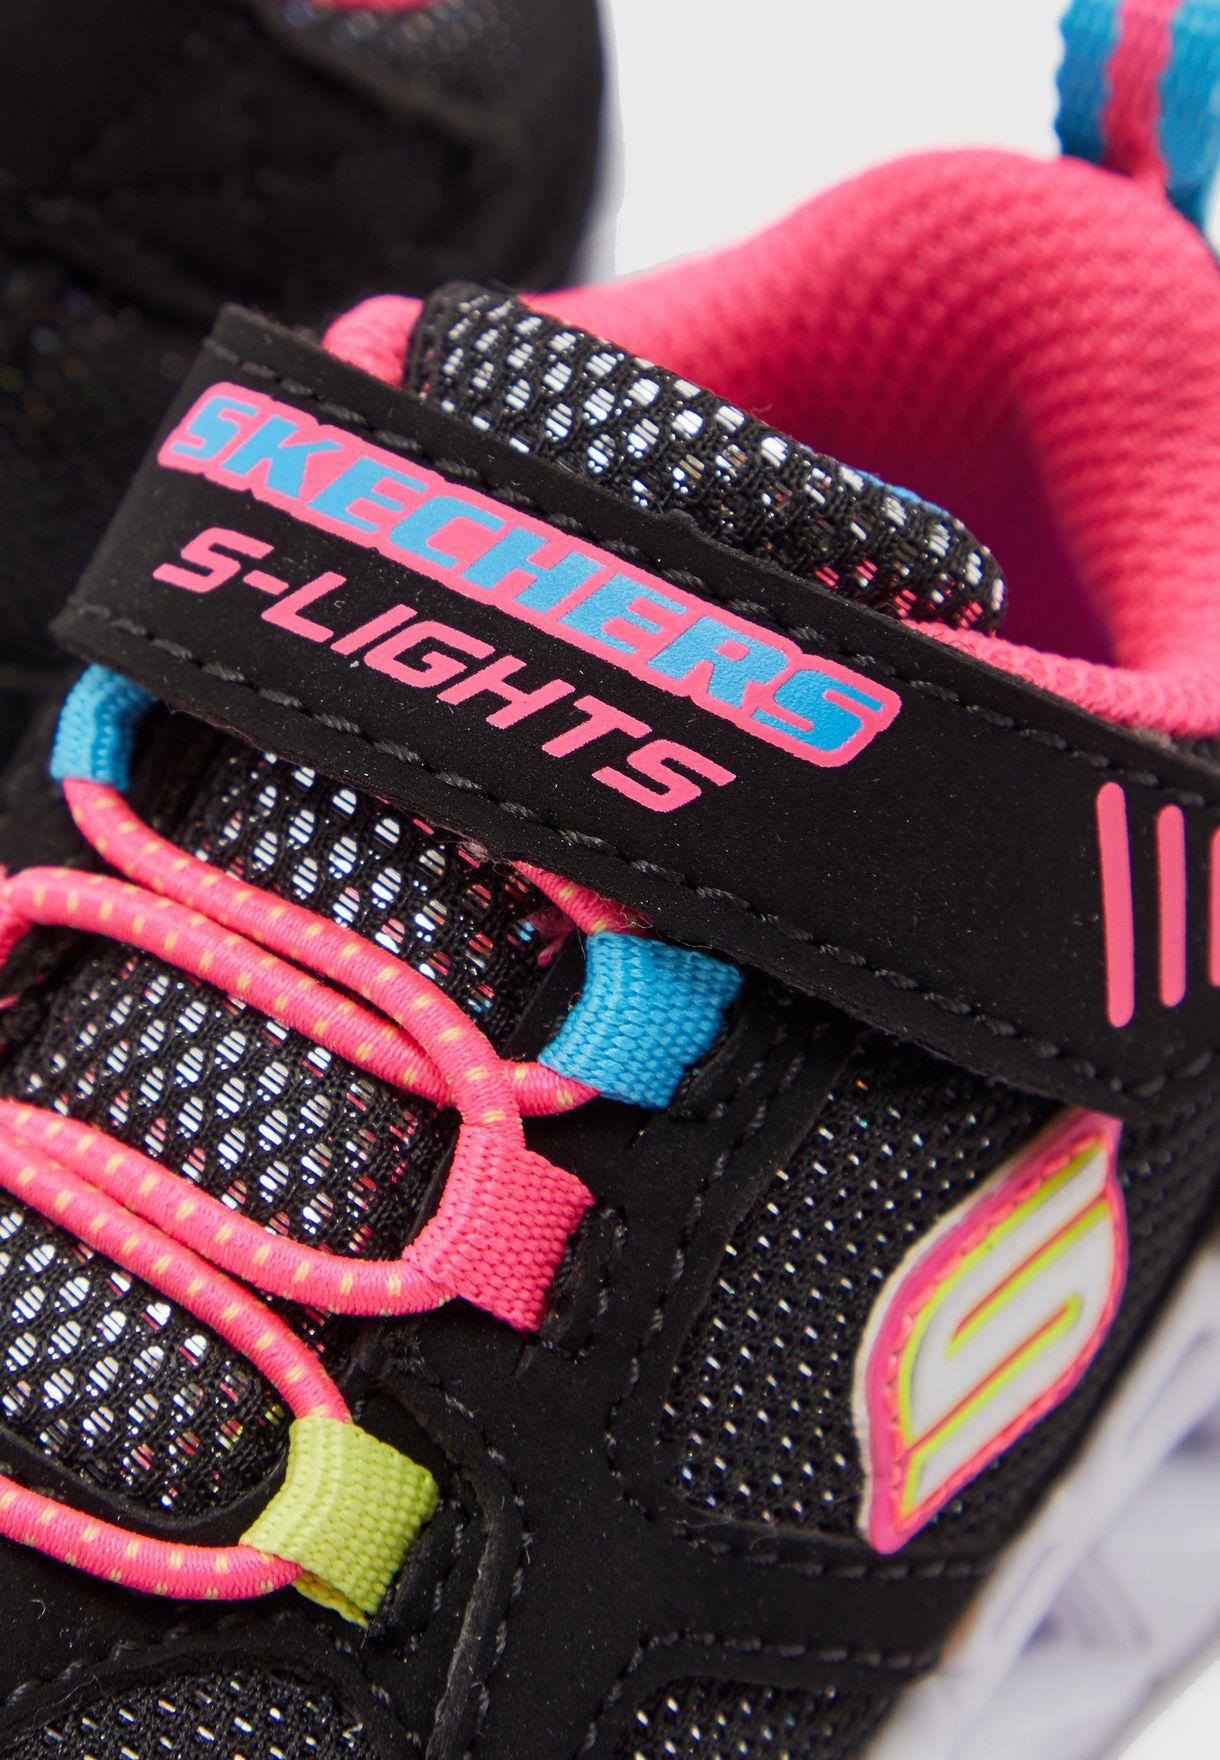 حذاء اس لايتس :ماجنا لايتس اكسبيرت ليفيل